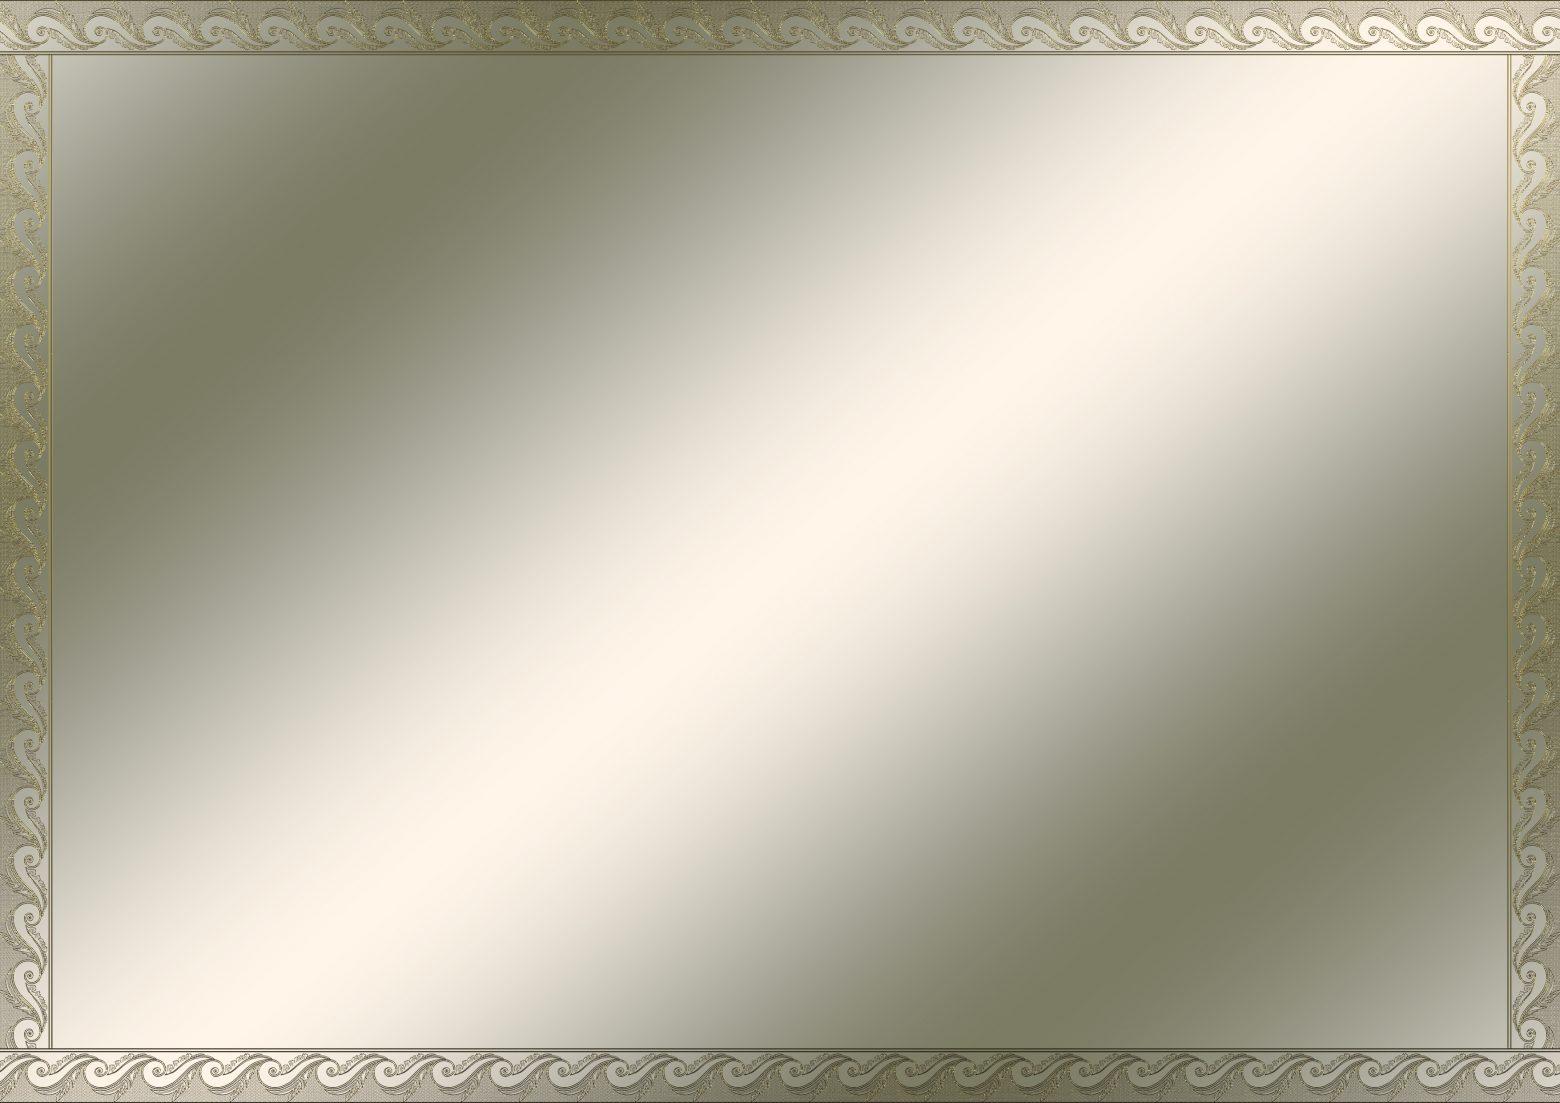 background-image-2066854